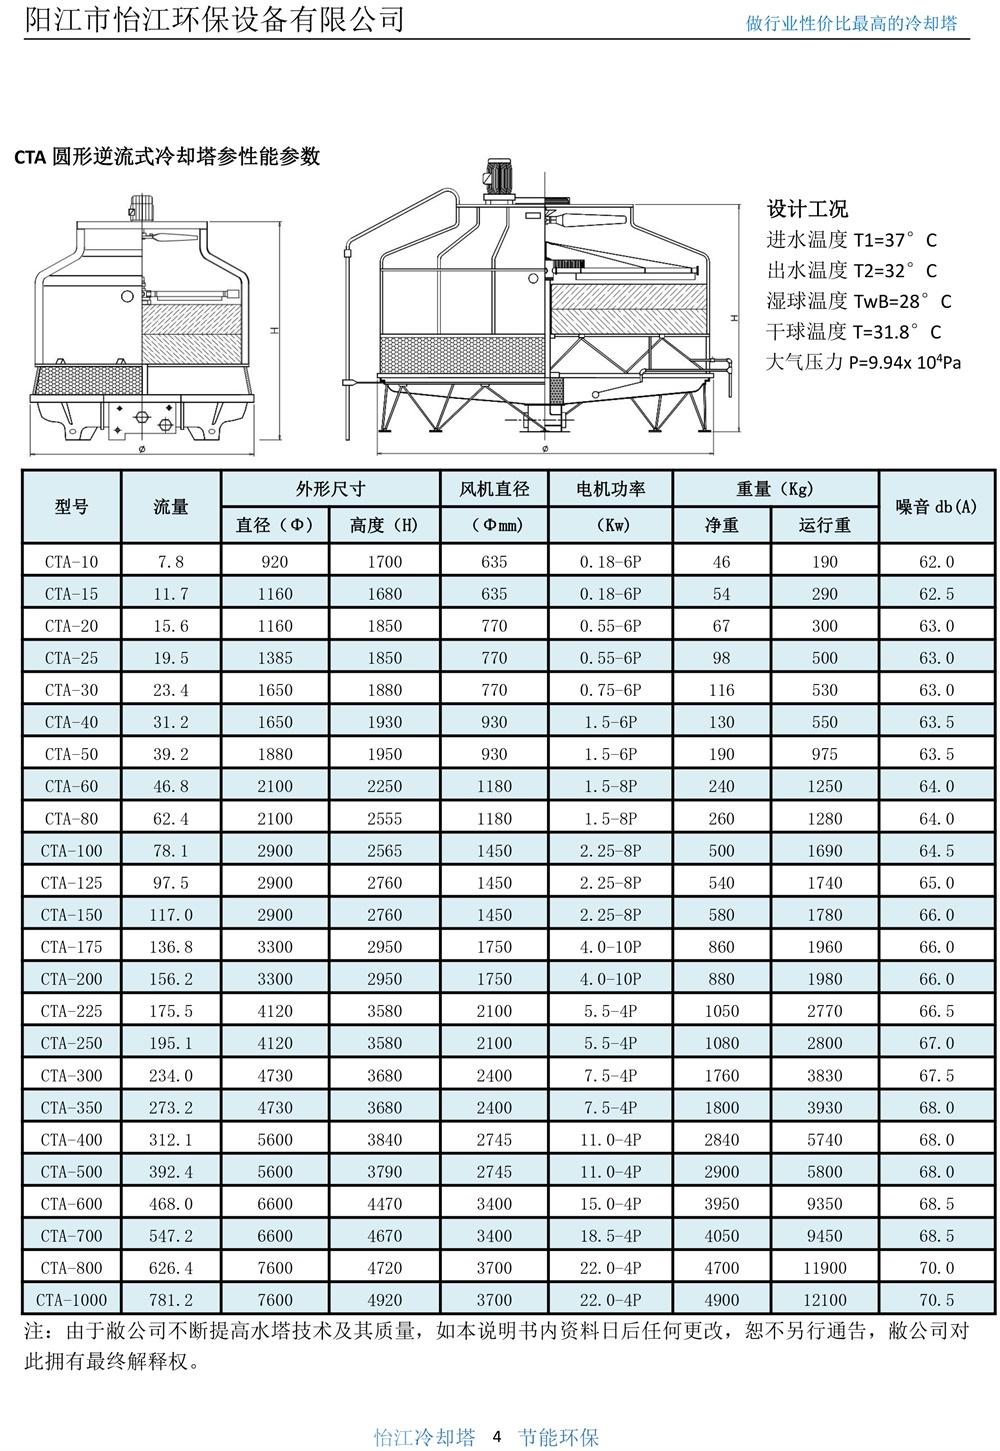 產品手冊(彩頁)3-4.jpg